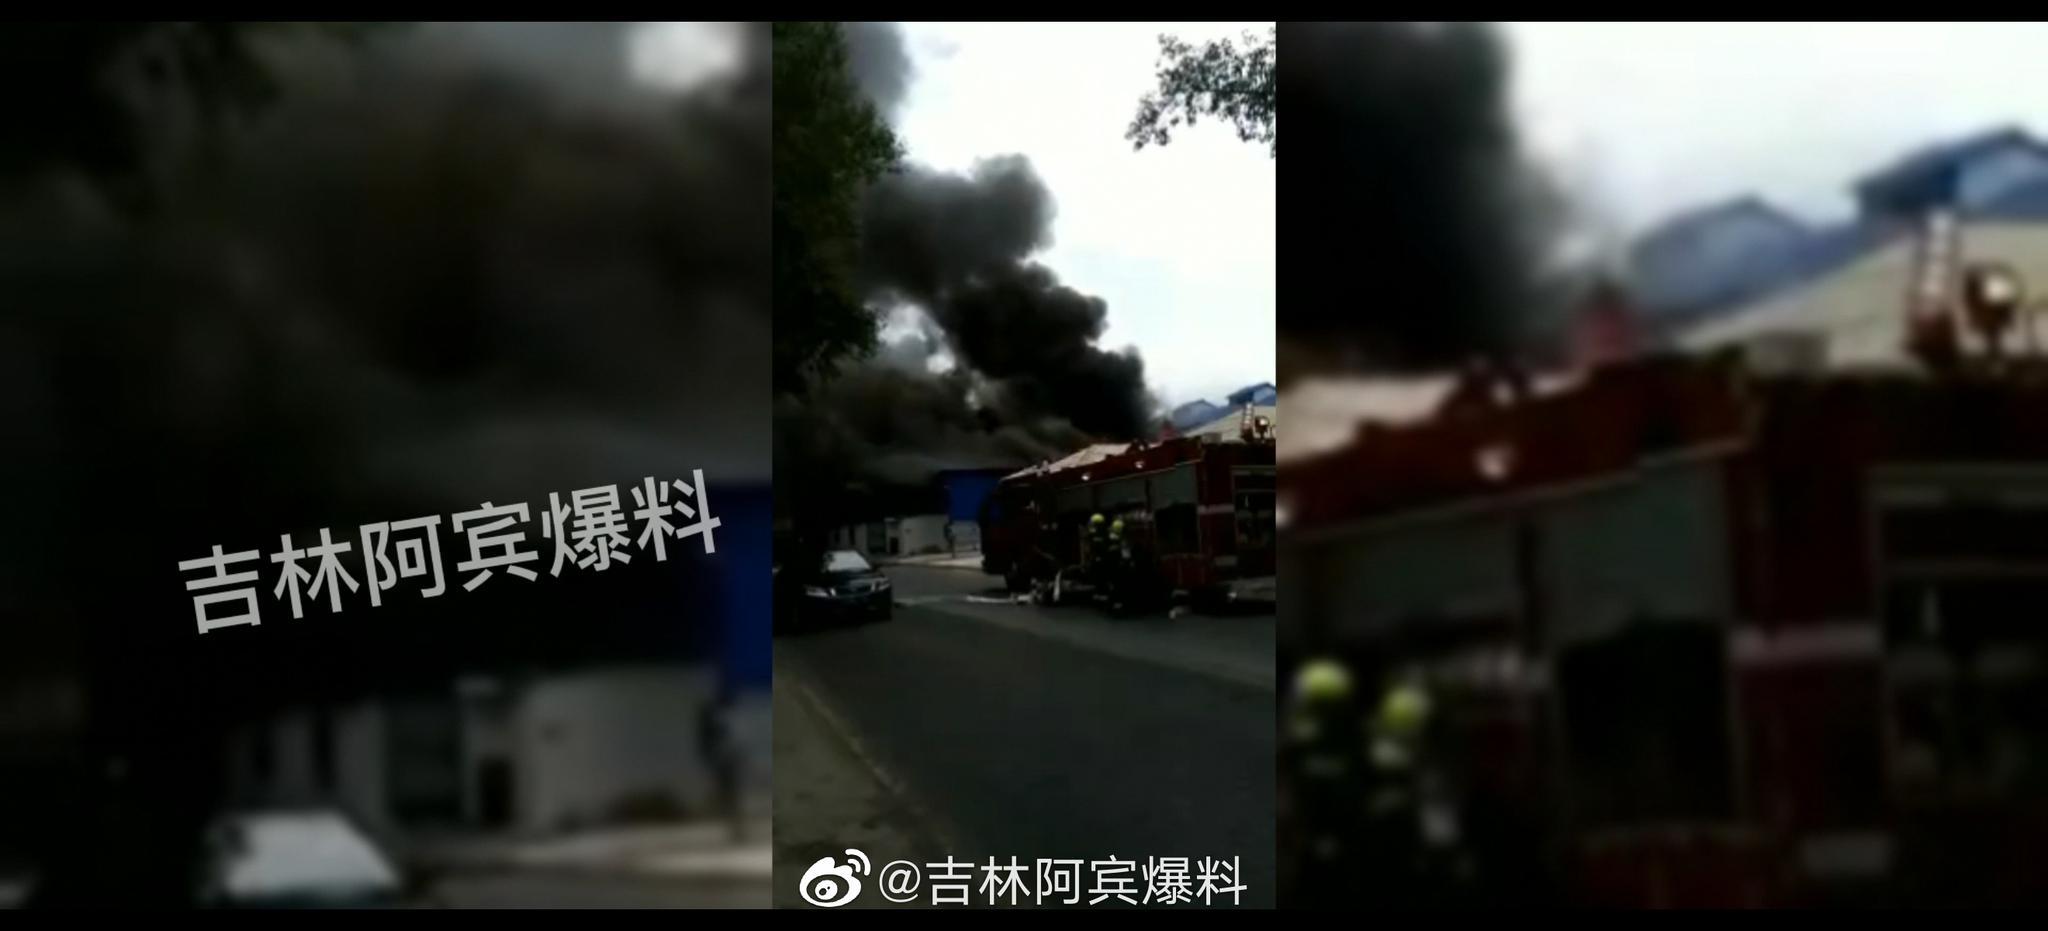 12点29分,吉林市消防队接到报警